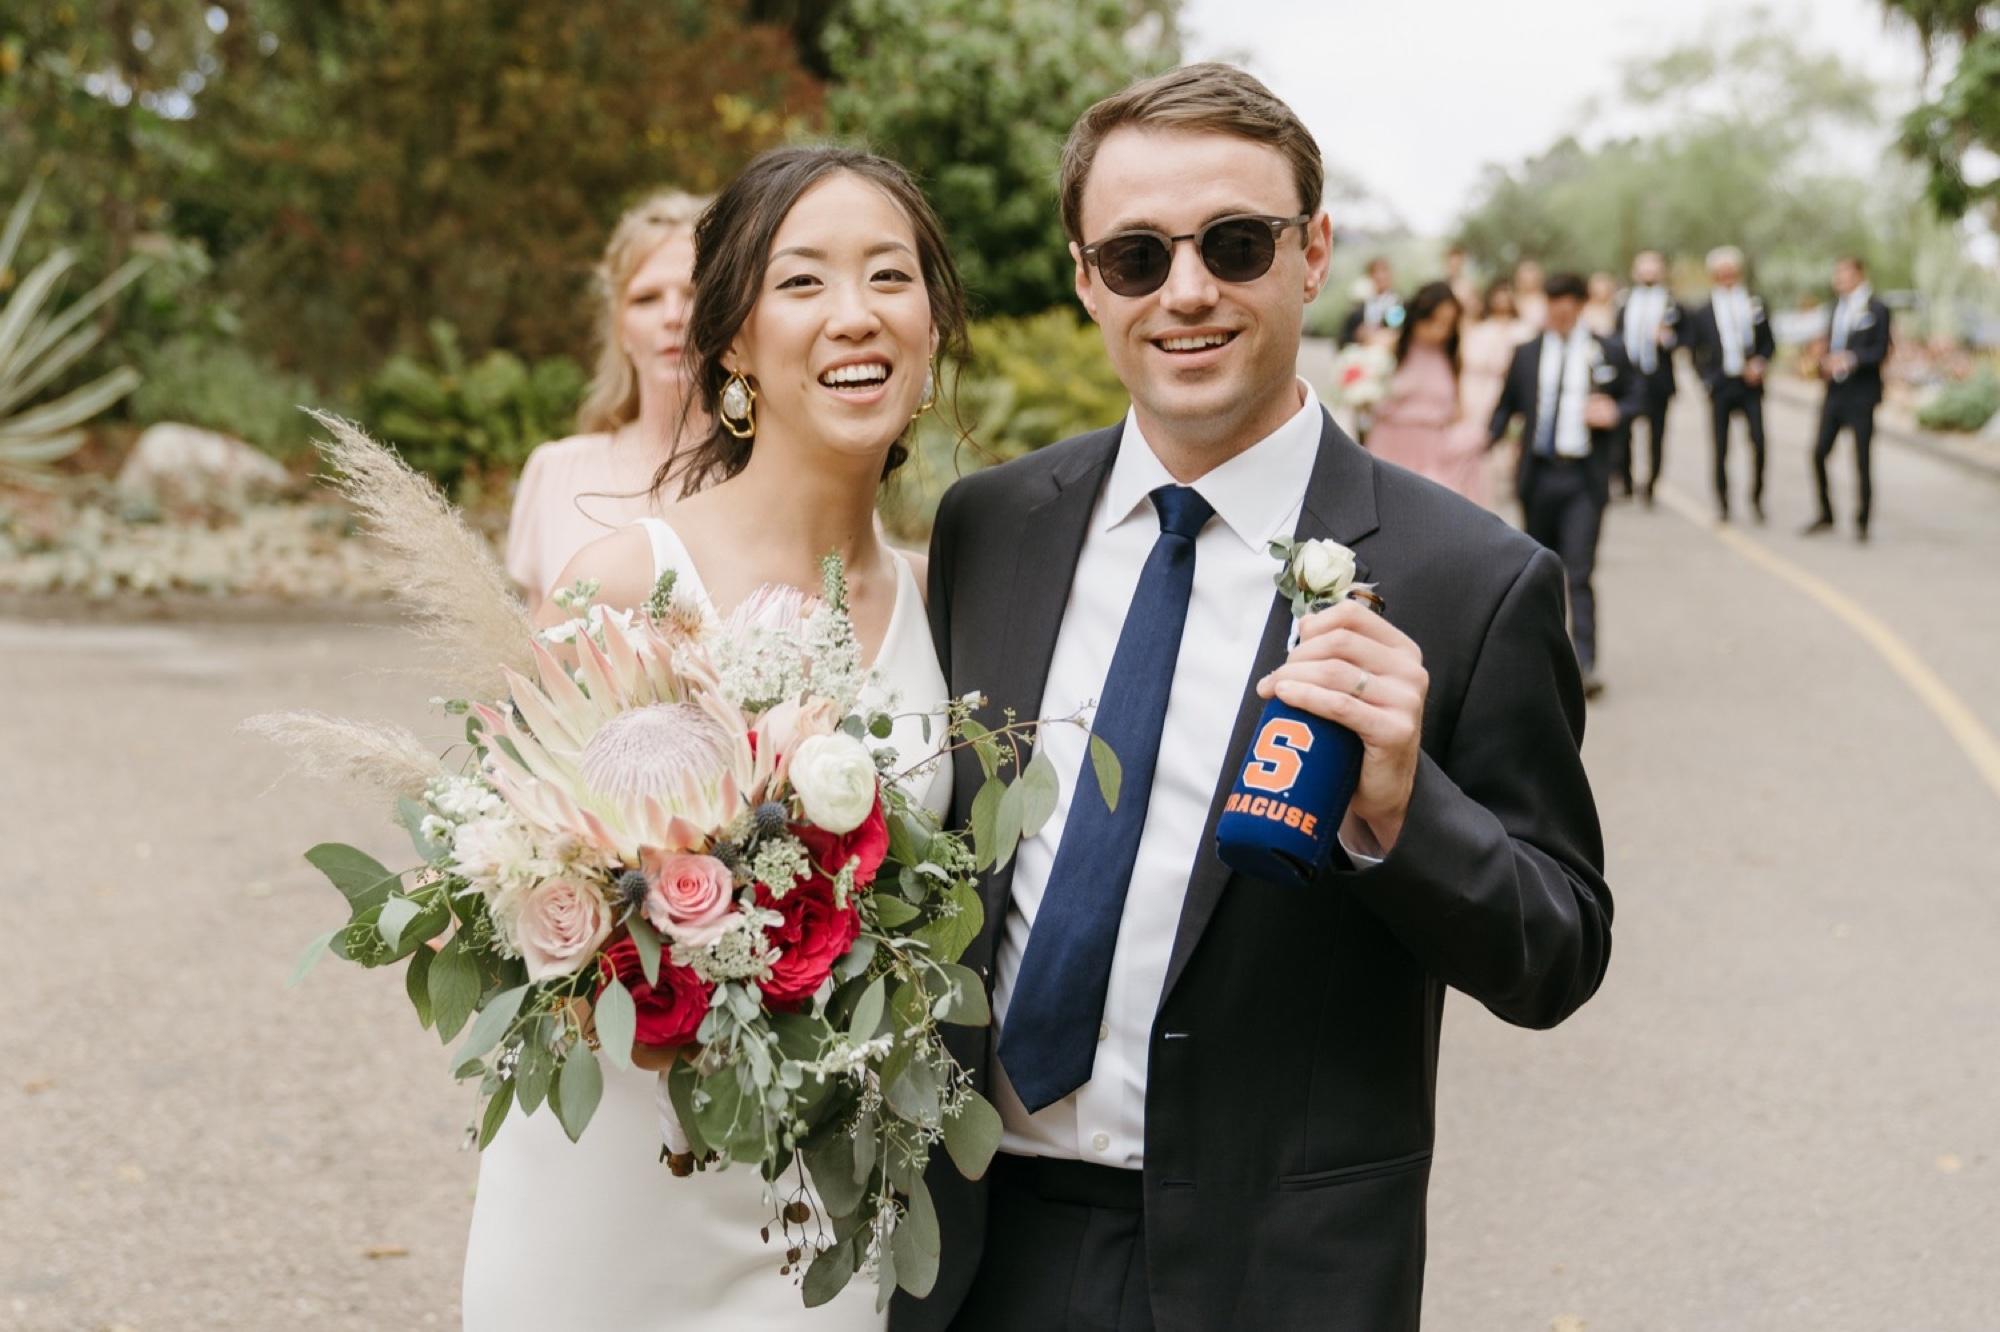 049_Shawna and Steve's Wedding-303.jpg